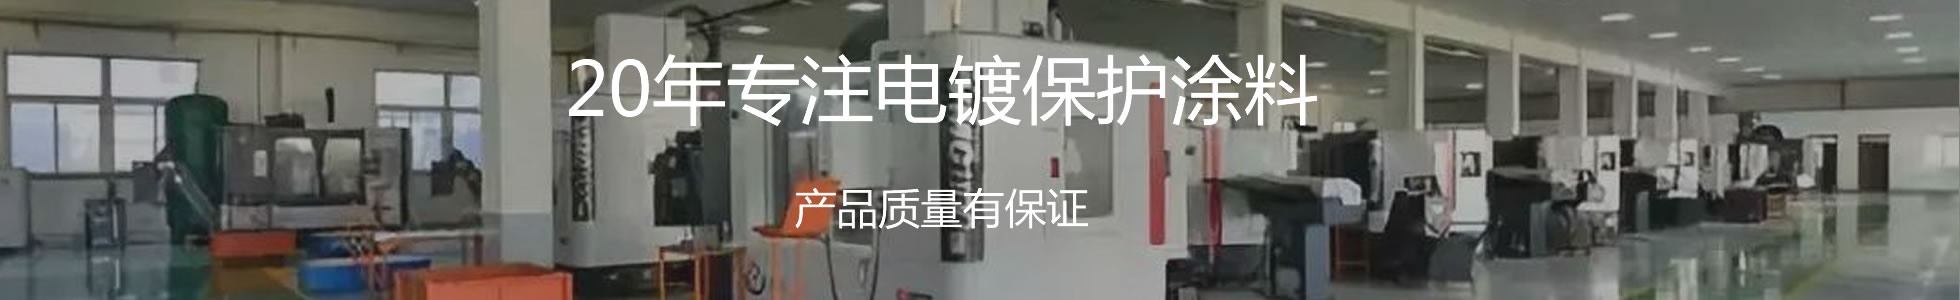 咸陽【迪泰】專注生產電鍍局部保護可剝膠、可剝涂料,質優價廉